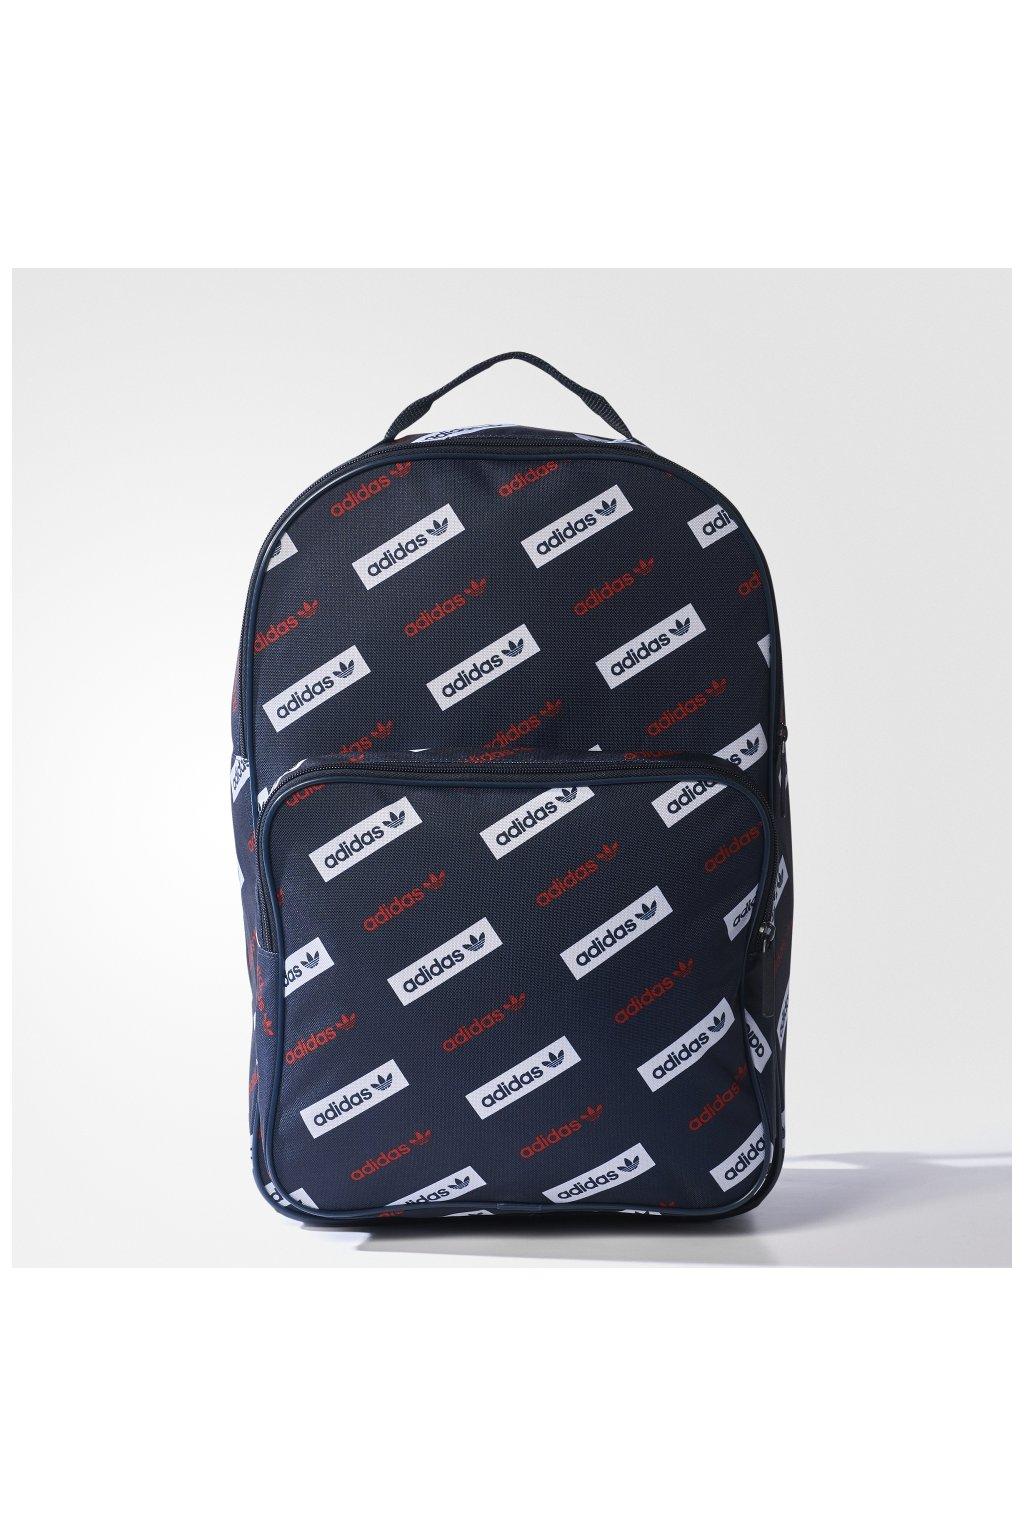 d0a13152d9 adidas tašky - www.agilesport.sk